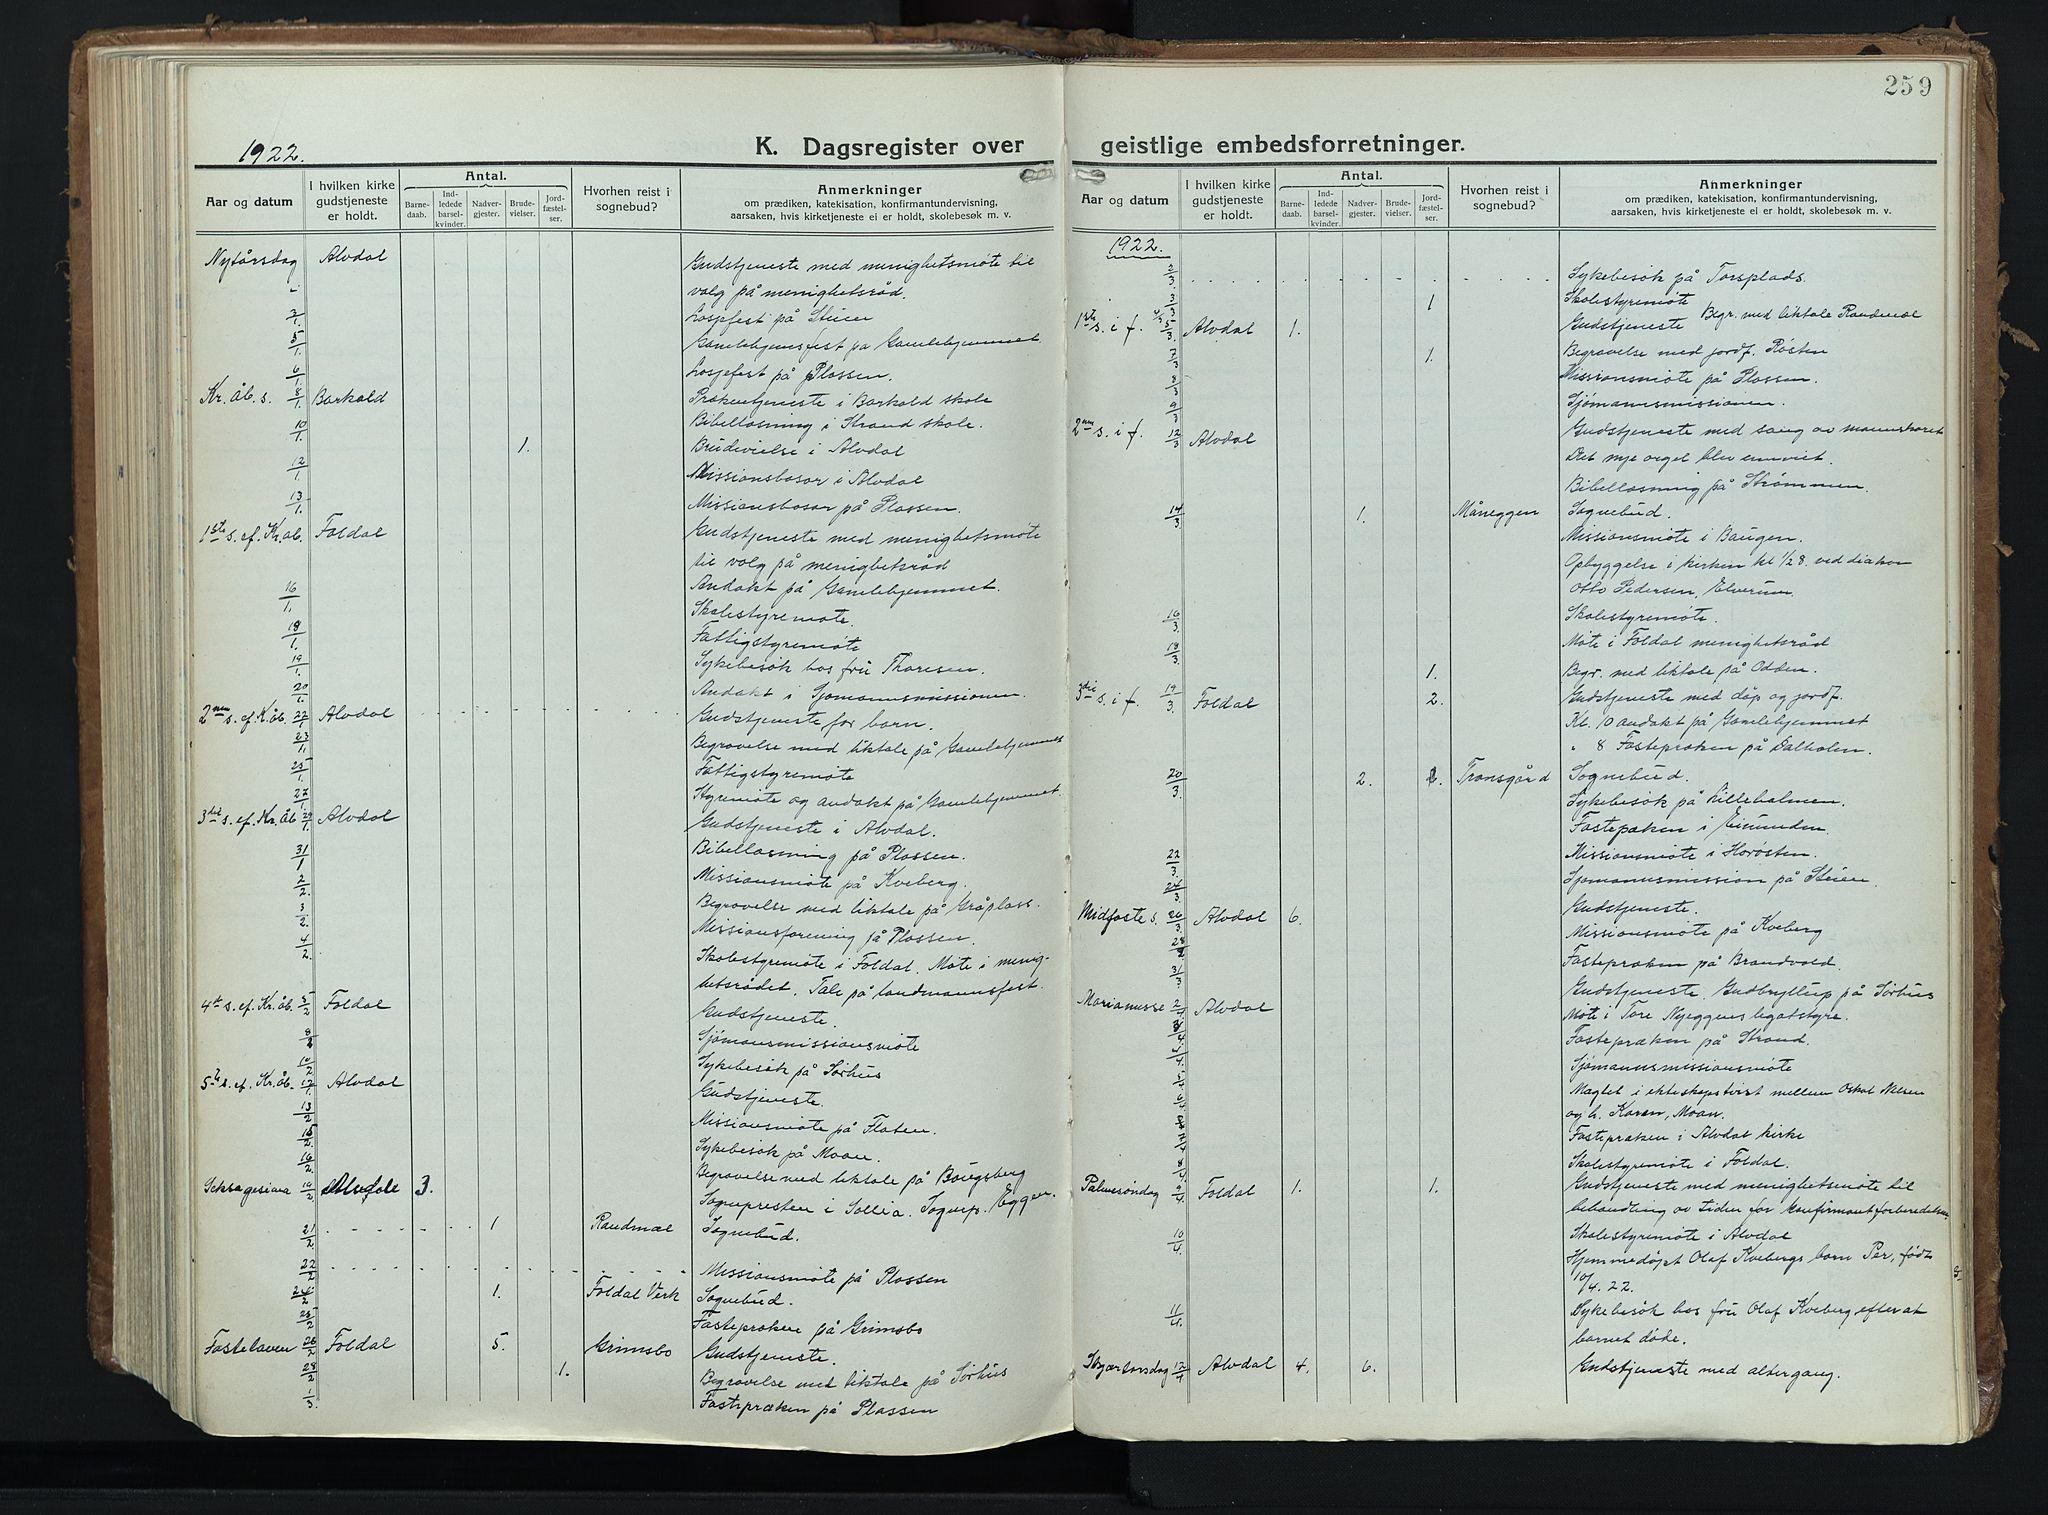 SAH, Alvdal prestekontor, Ministerialbok nr. 6, 1920-1937, s. 259